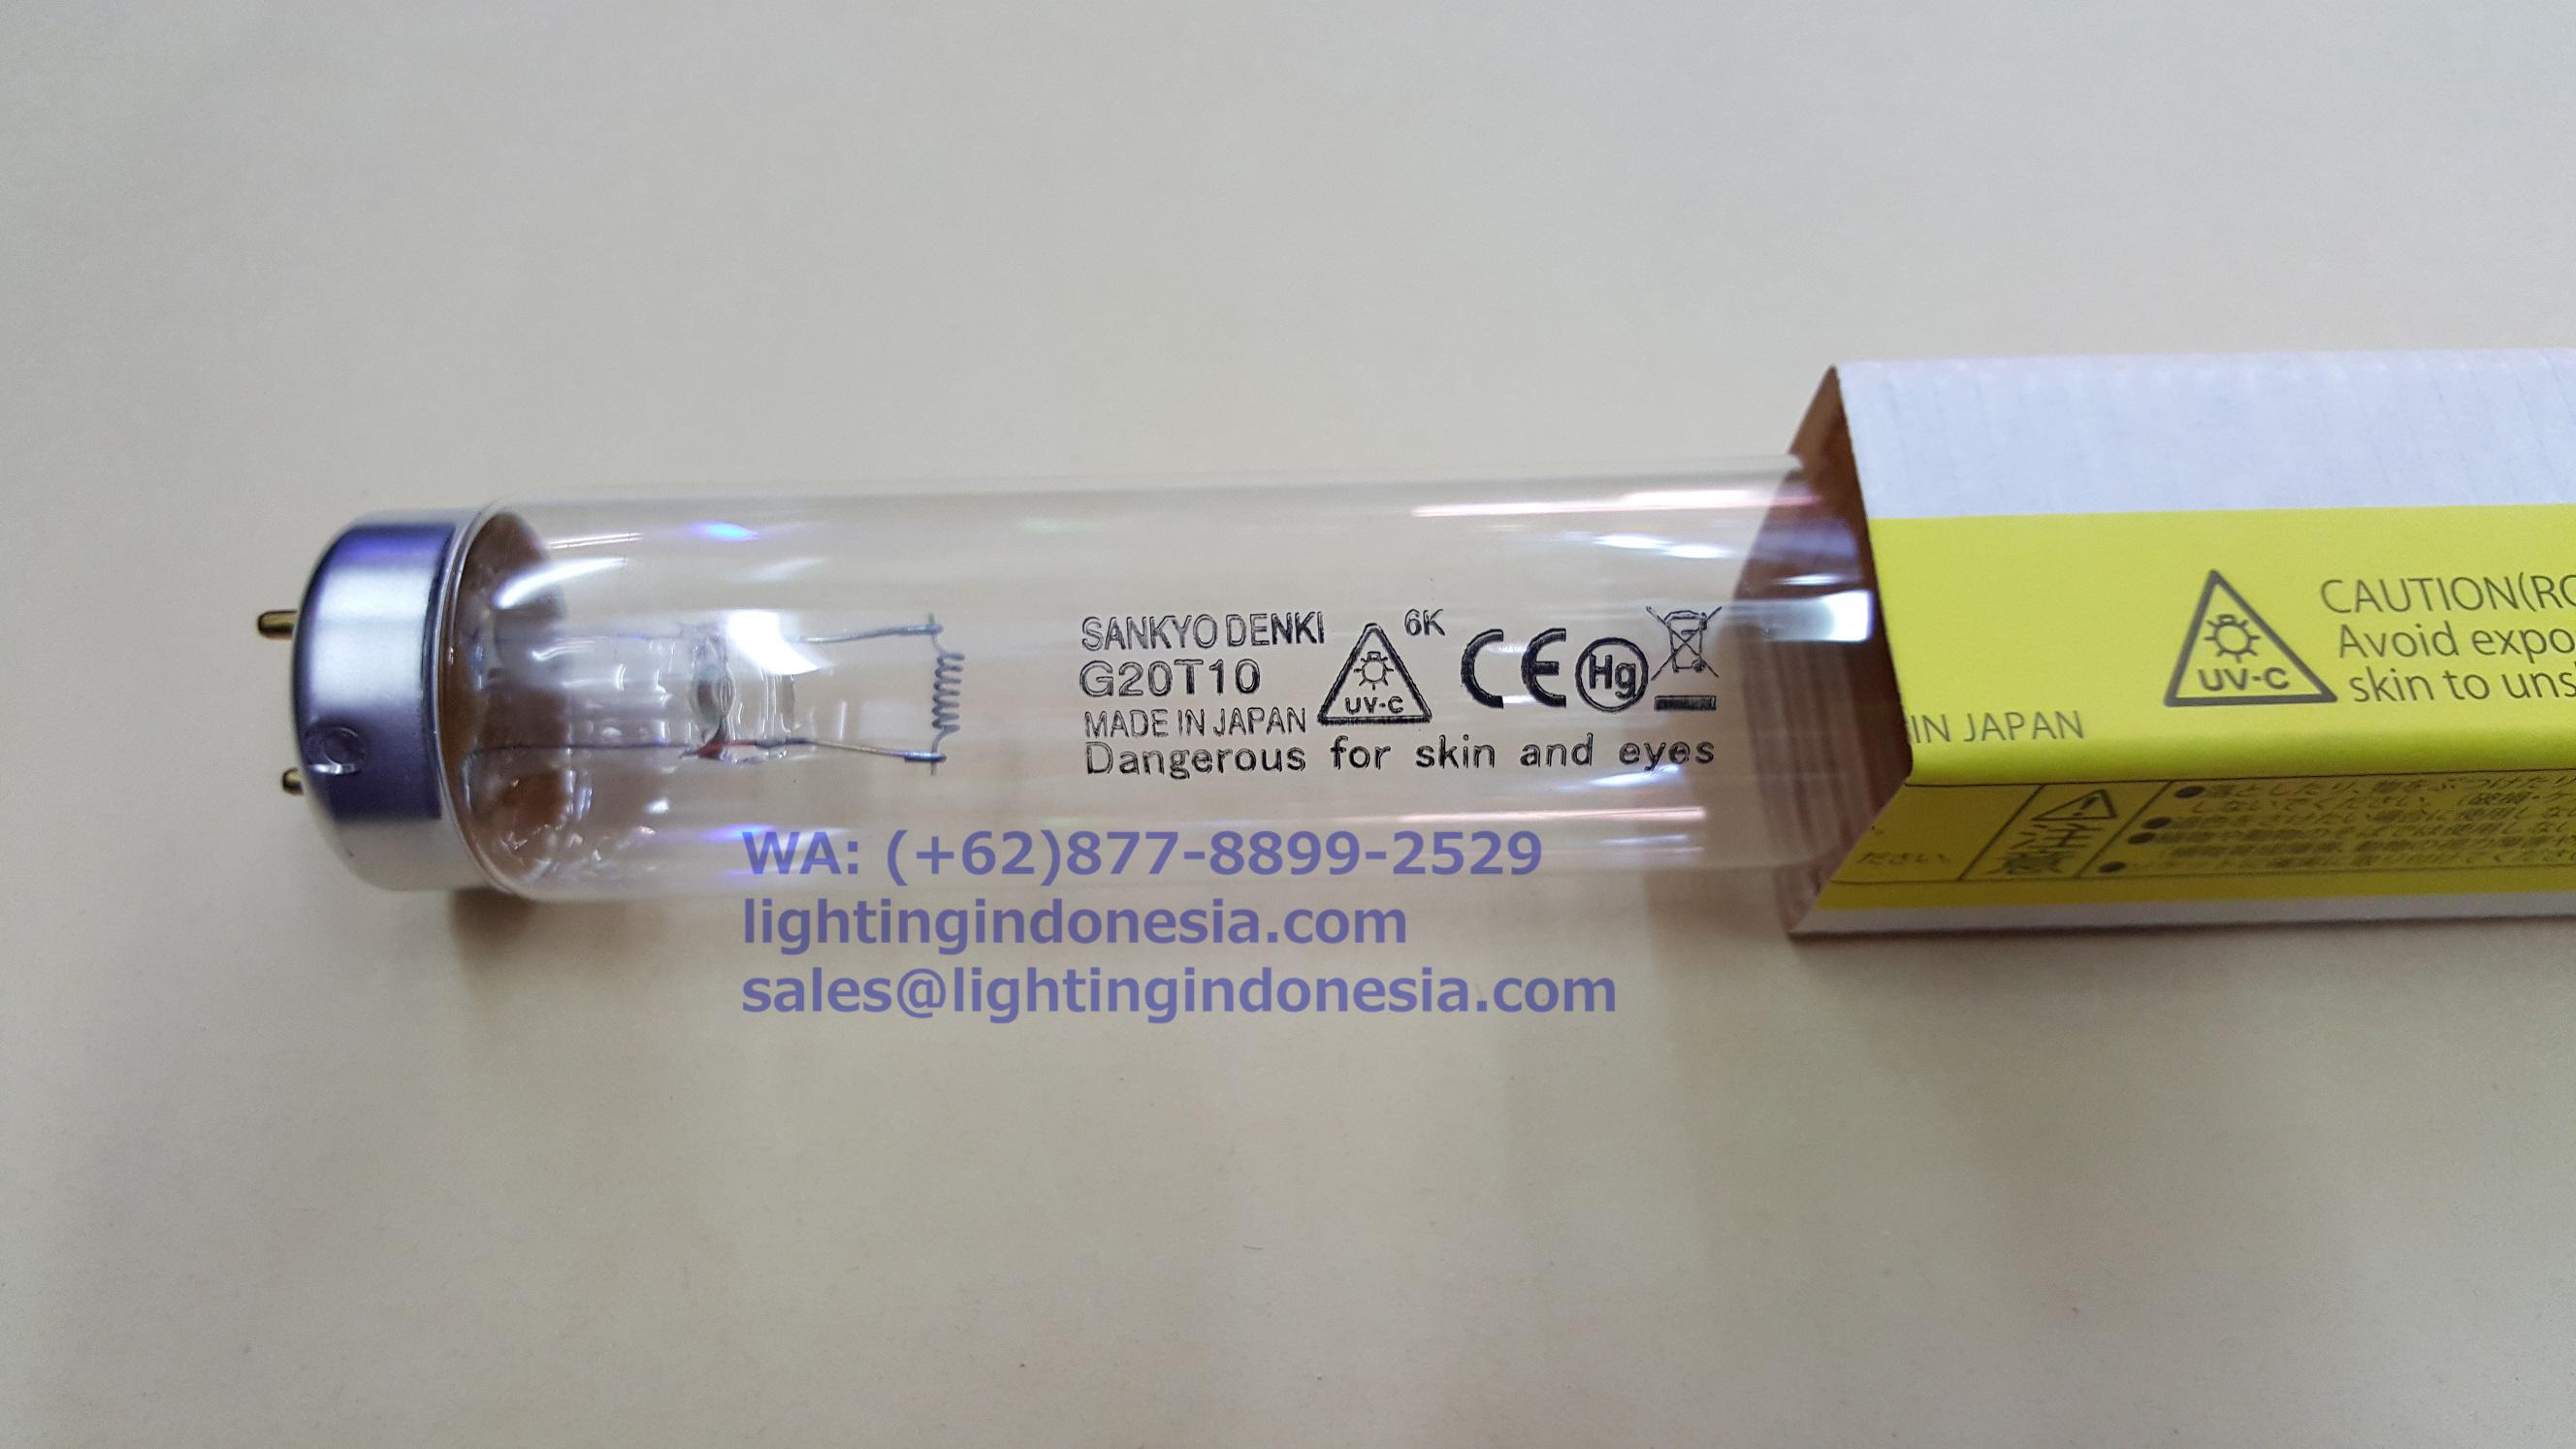 lamp table fixtures light com mesita modern luxury garota distributor indoor mini interior lighting deluxe